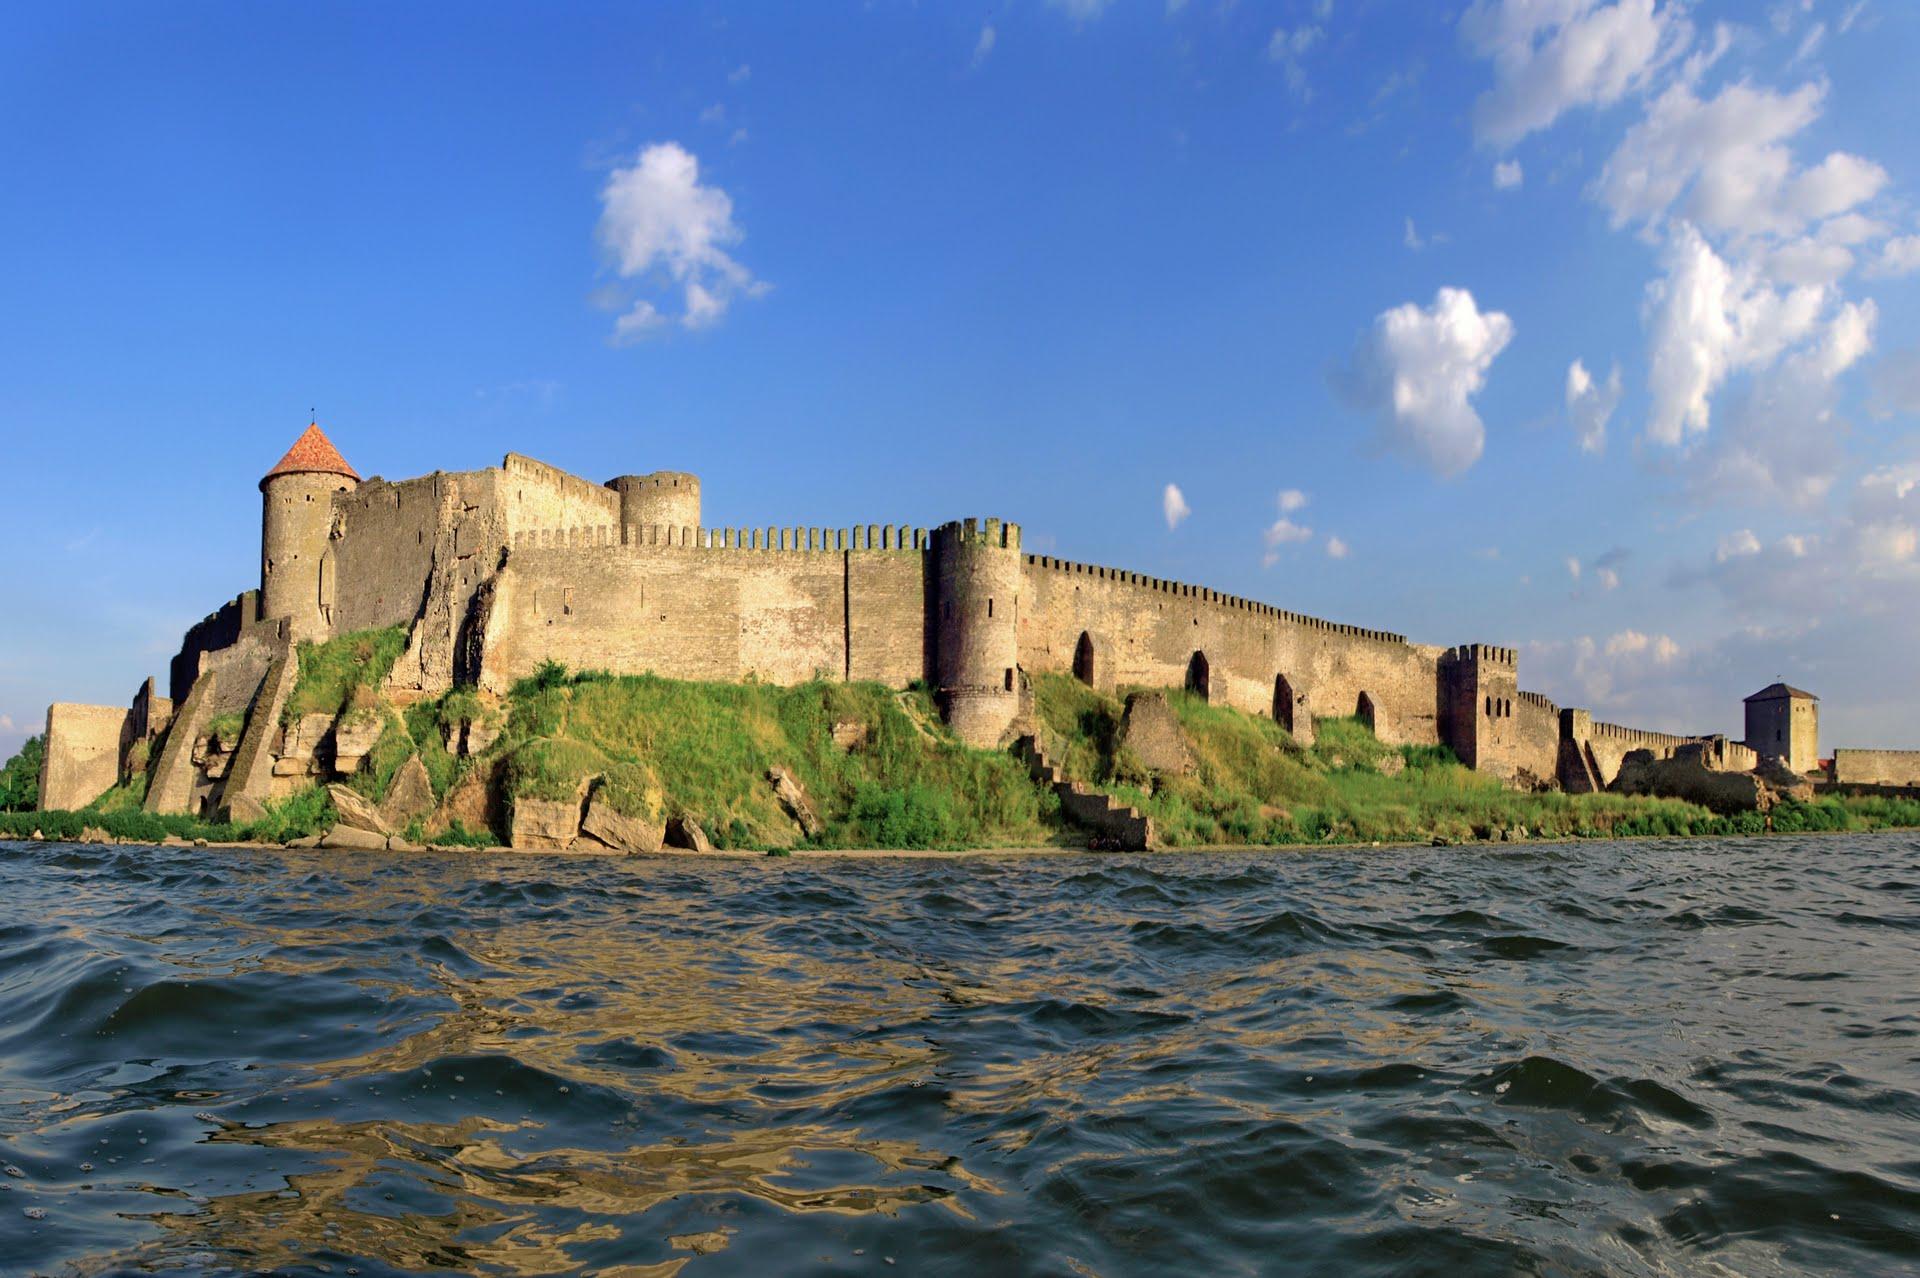 Такую крепость с моря не возьмешь! Вот почему Белая крепость считалась неприступной!